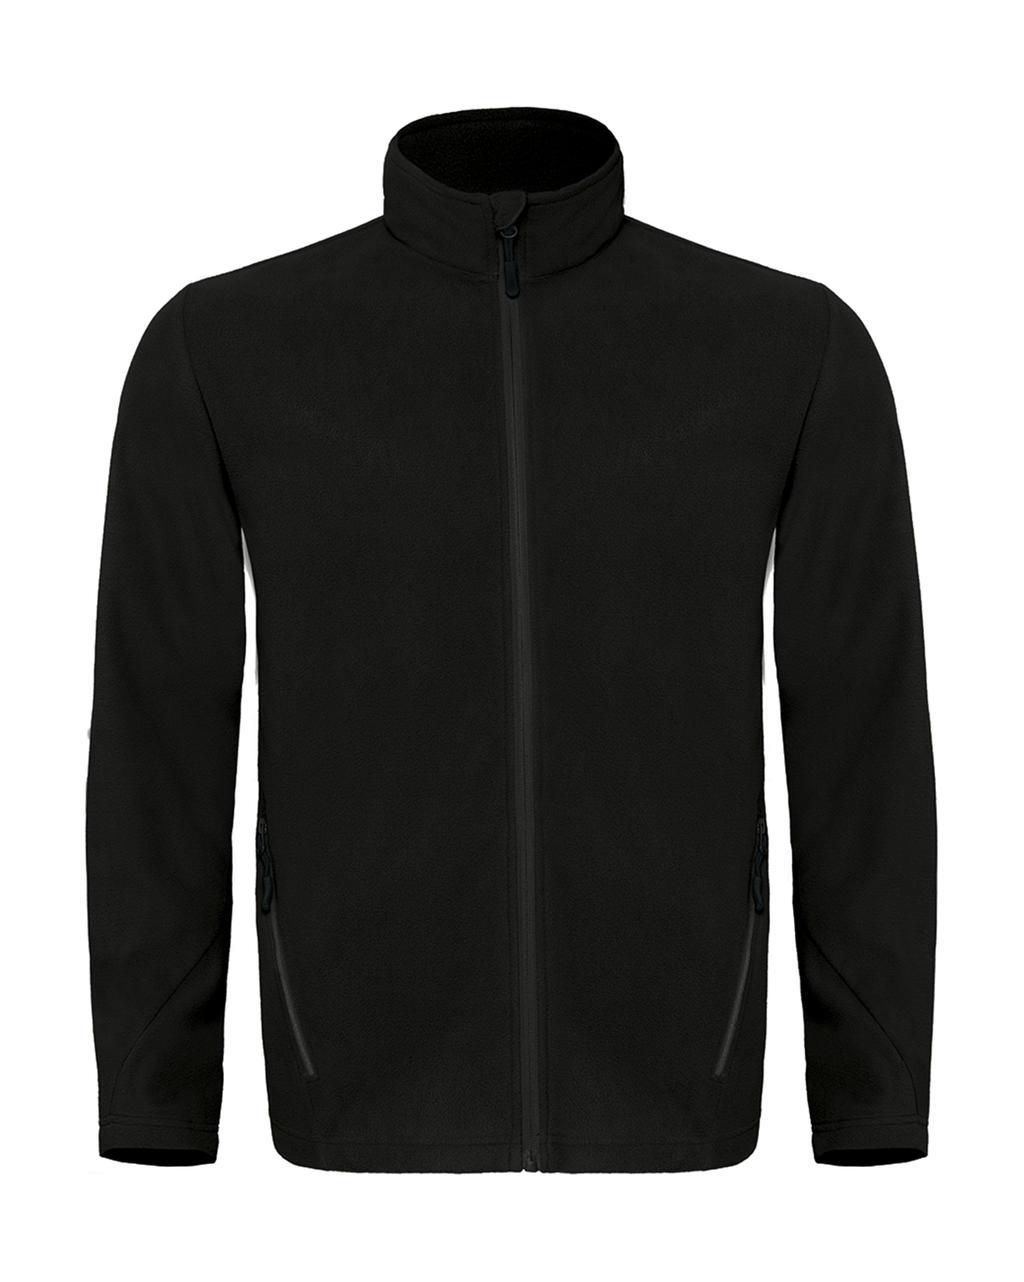 Pánská fleecová bunda Full Zip Coolstar/men - zvìtšit obrázek